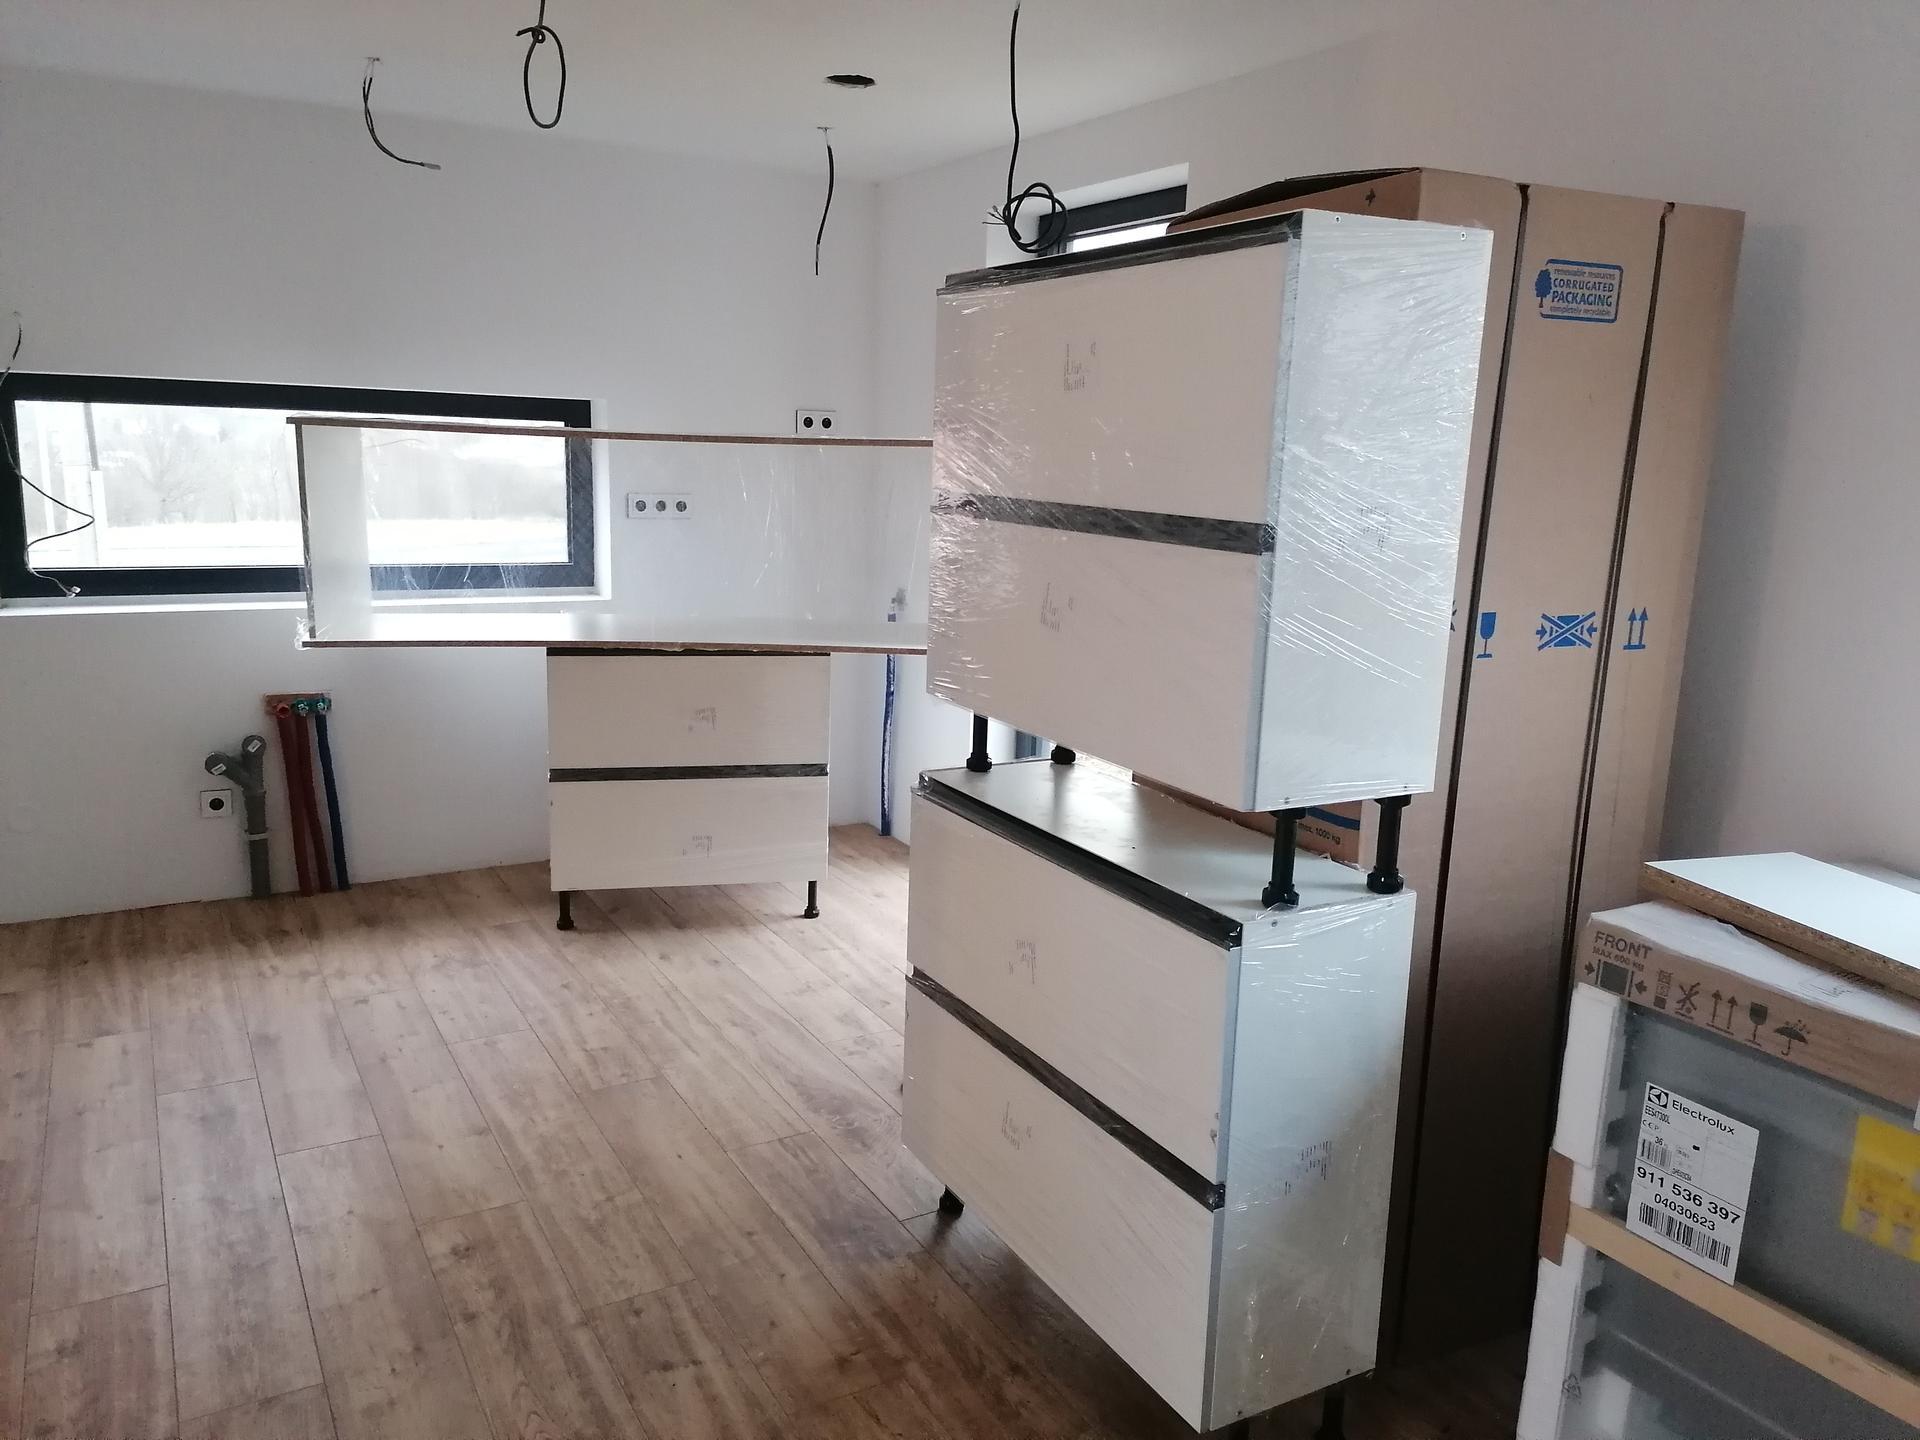 Pasiv Svépomocí 2021 - kuchyň Egger Perfectsense matt + dub Halifax pírodní